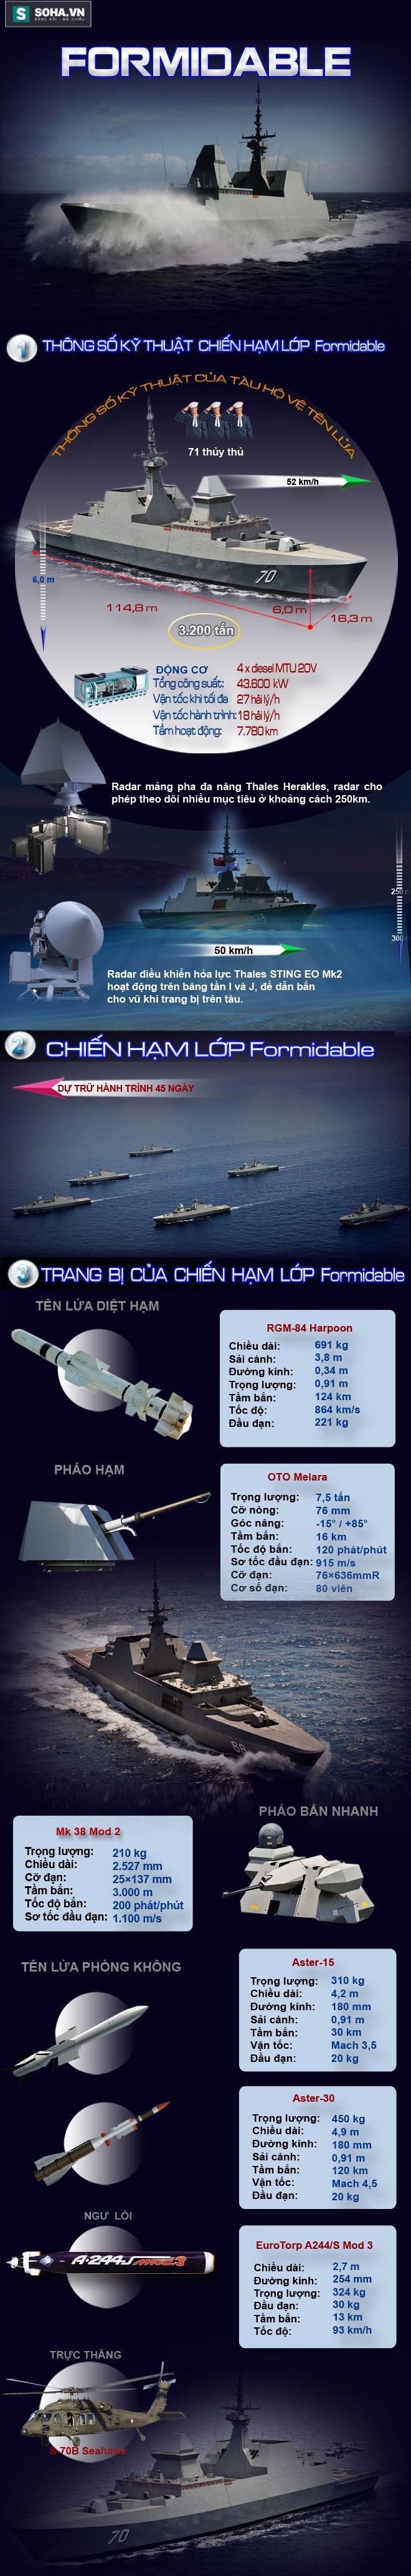 Khinh hạm số một Đông Nam Á liệu có về với Hải quân Việt Nam? - Ảnh 1.